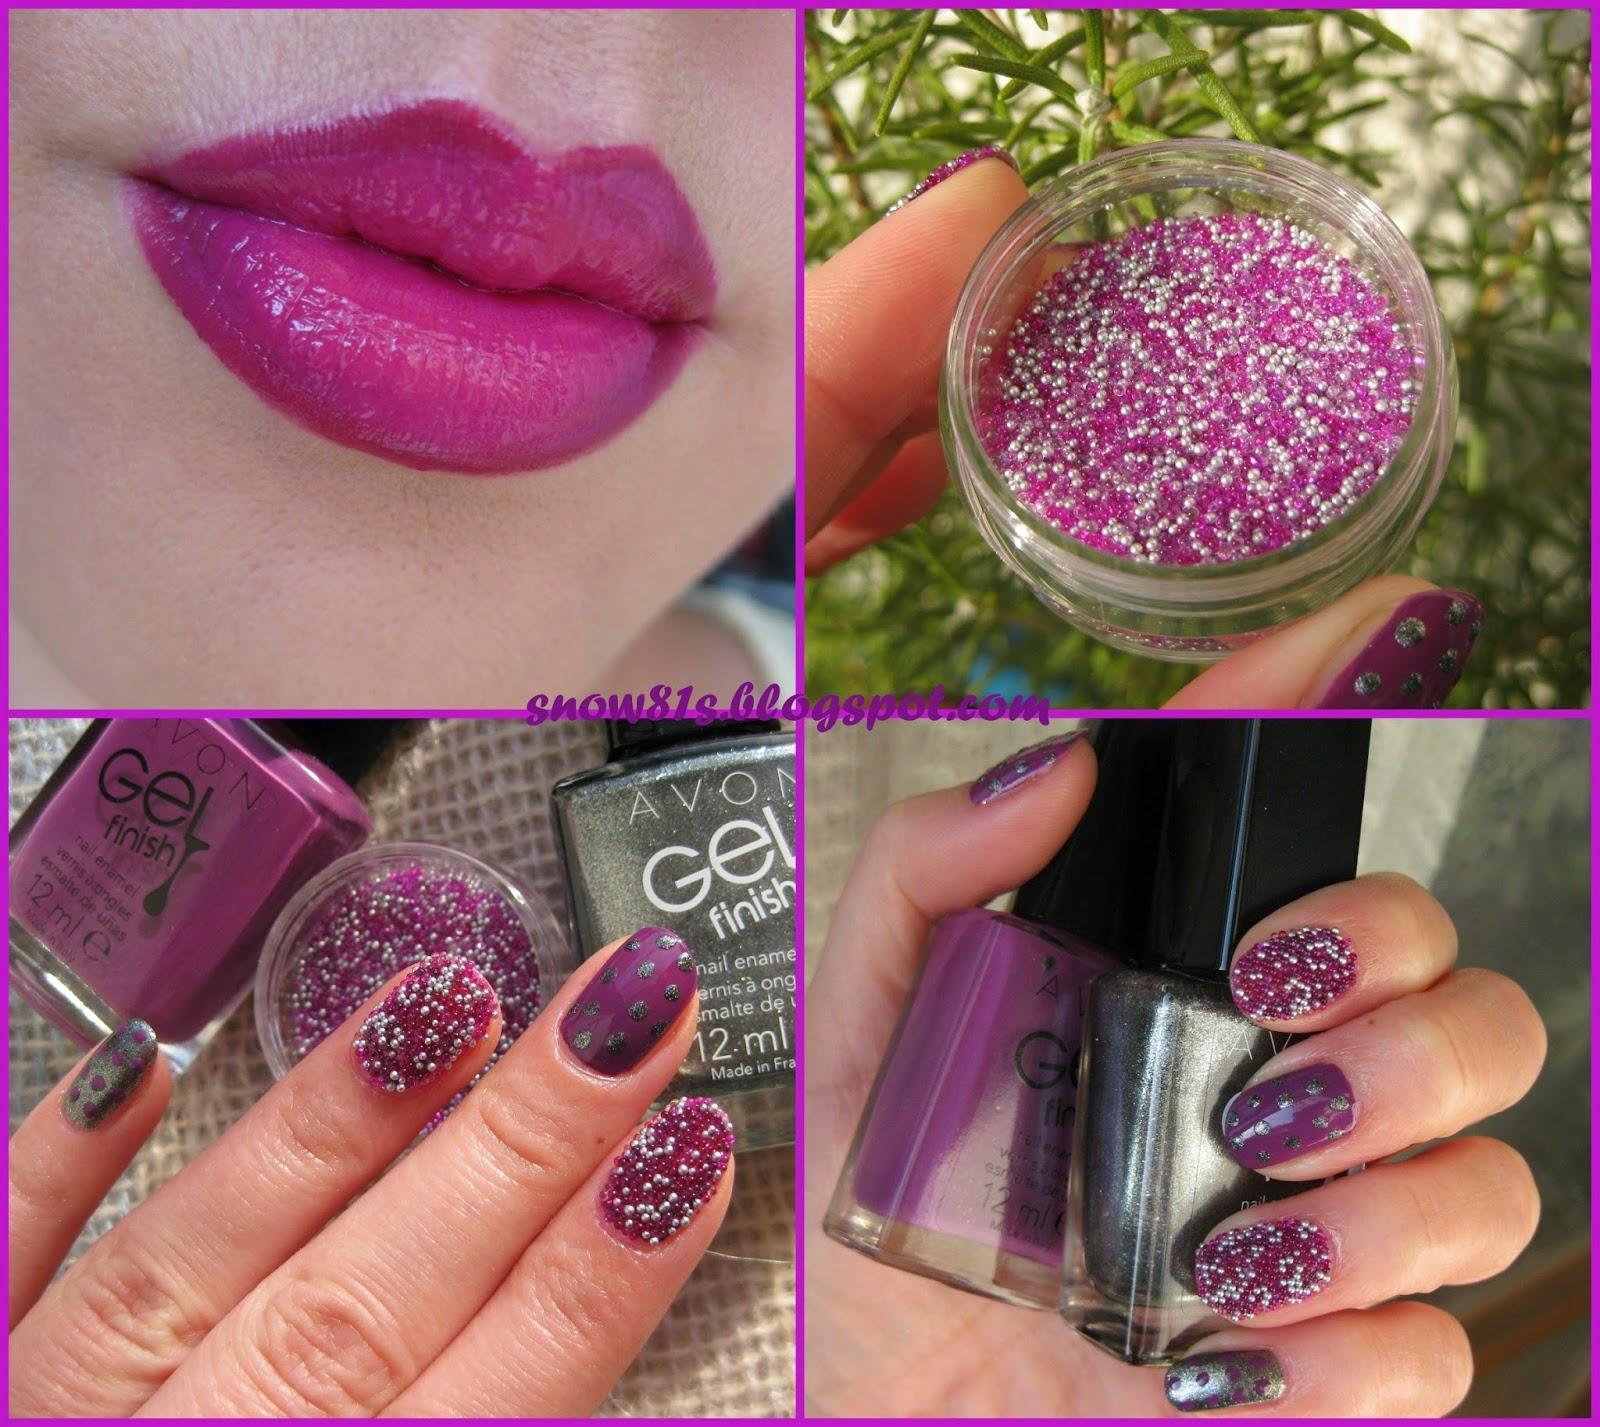 Svecani Manikir I Make Up Sa Avonom Caviar Nails Ombre Lips Snow White S Beauty Case Bloglovin